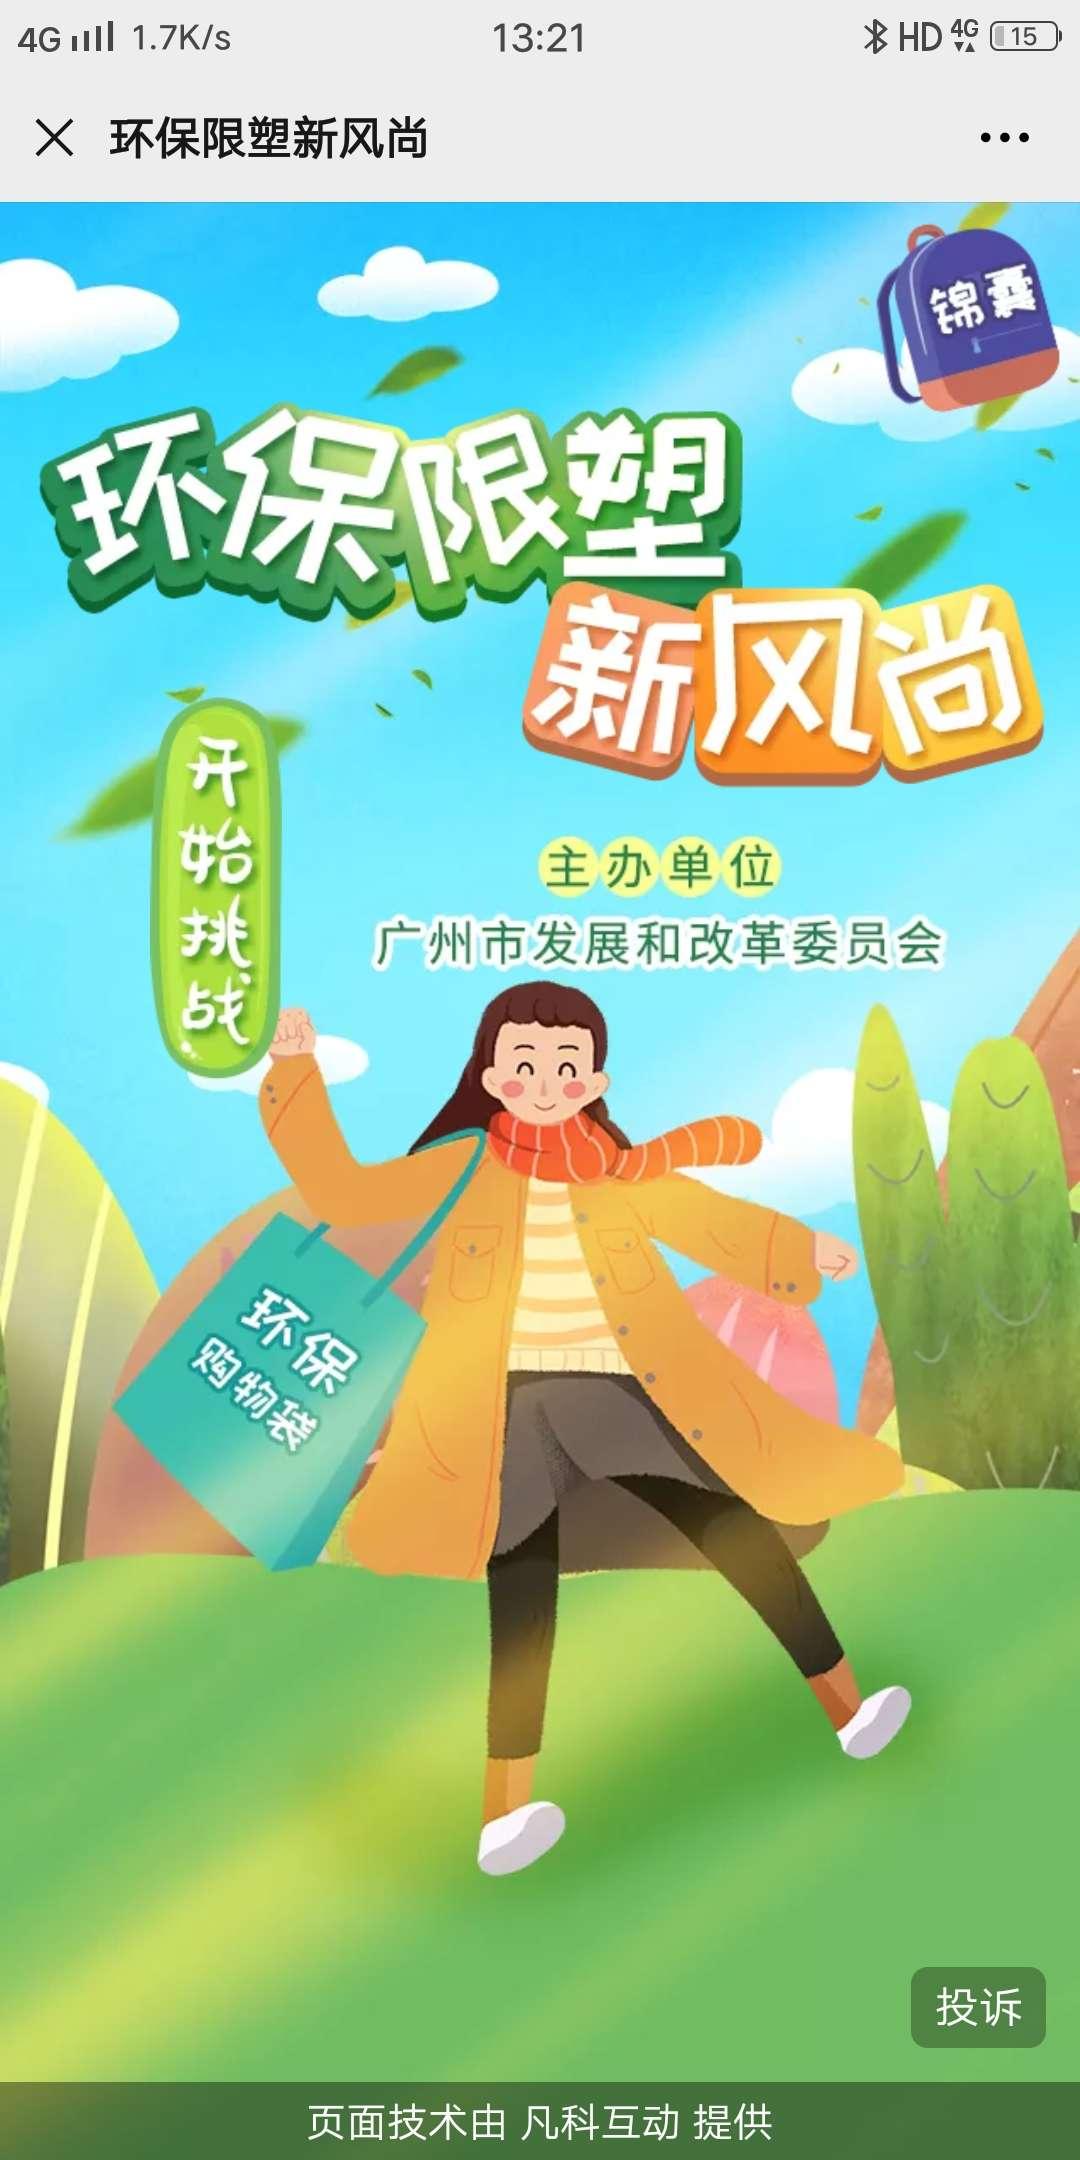 广州市发展和改革委员会 答题抽红包